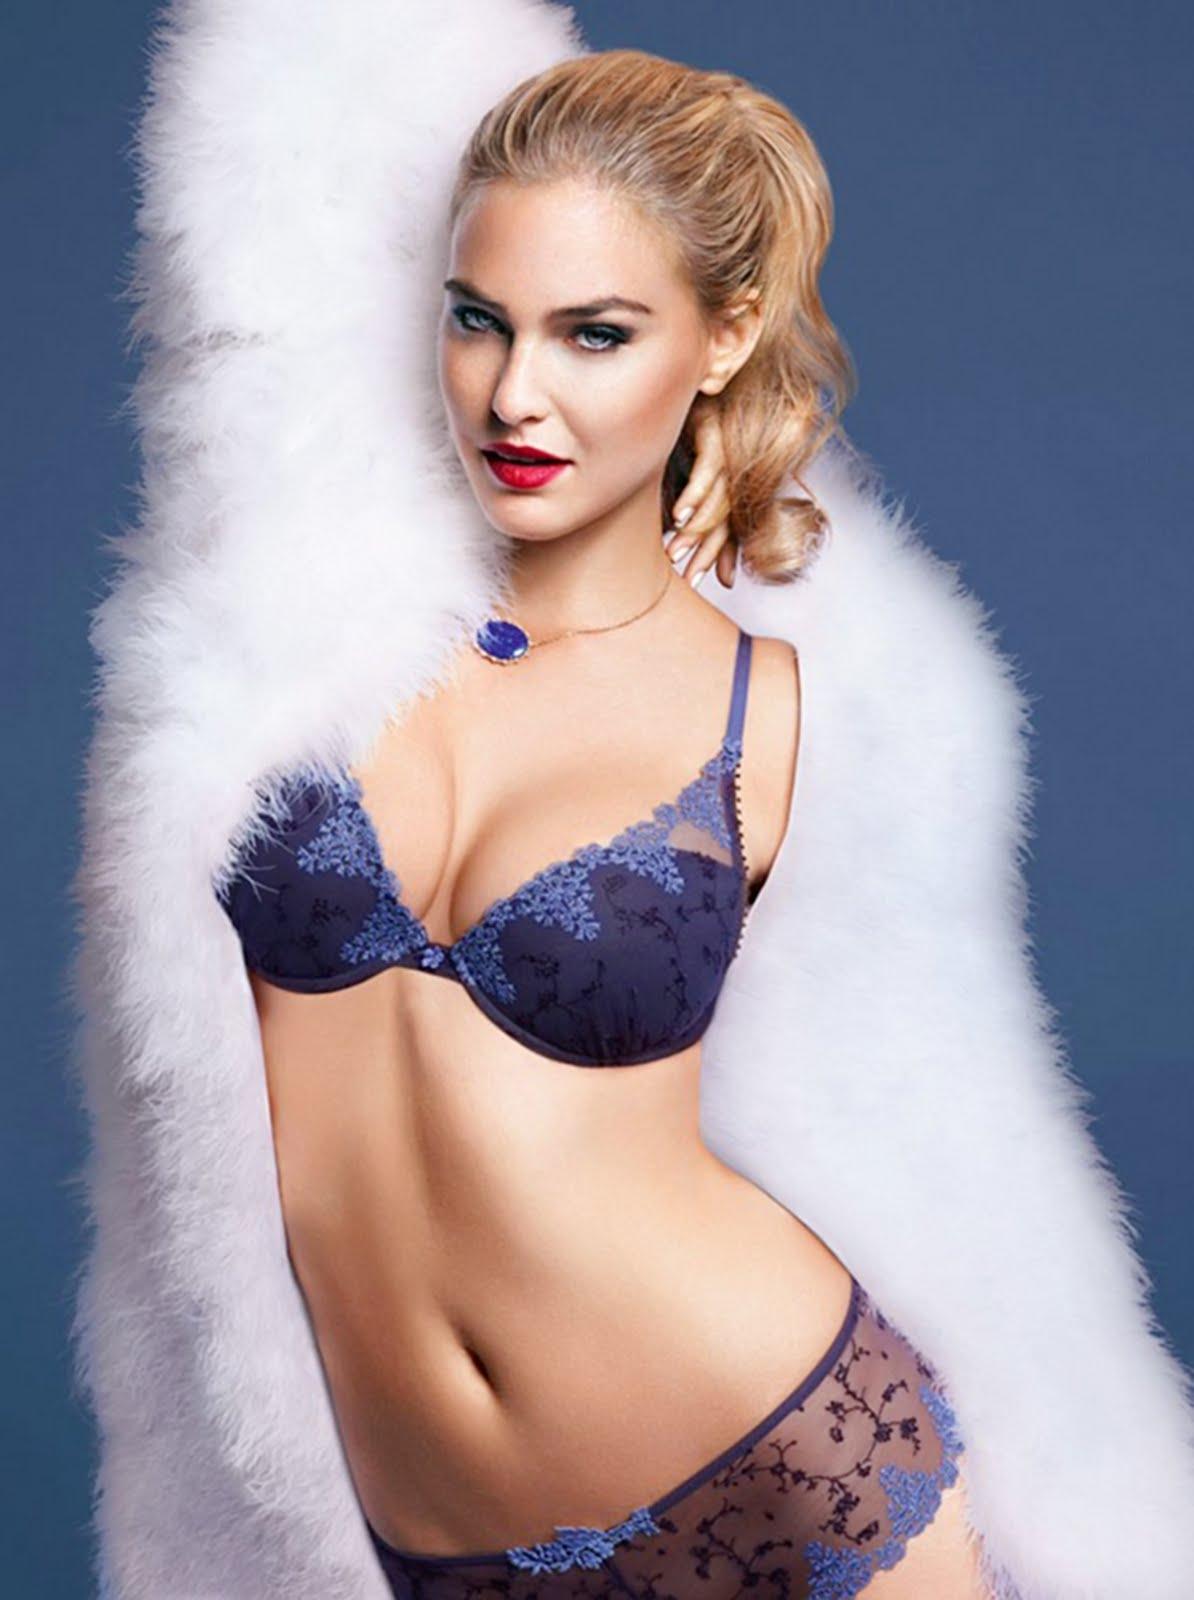 Hot Angelika Jakubowska nude (64 photo), Pussy, Bikini, Instagram, in bikini 2015